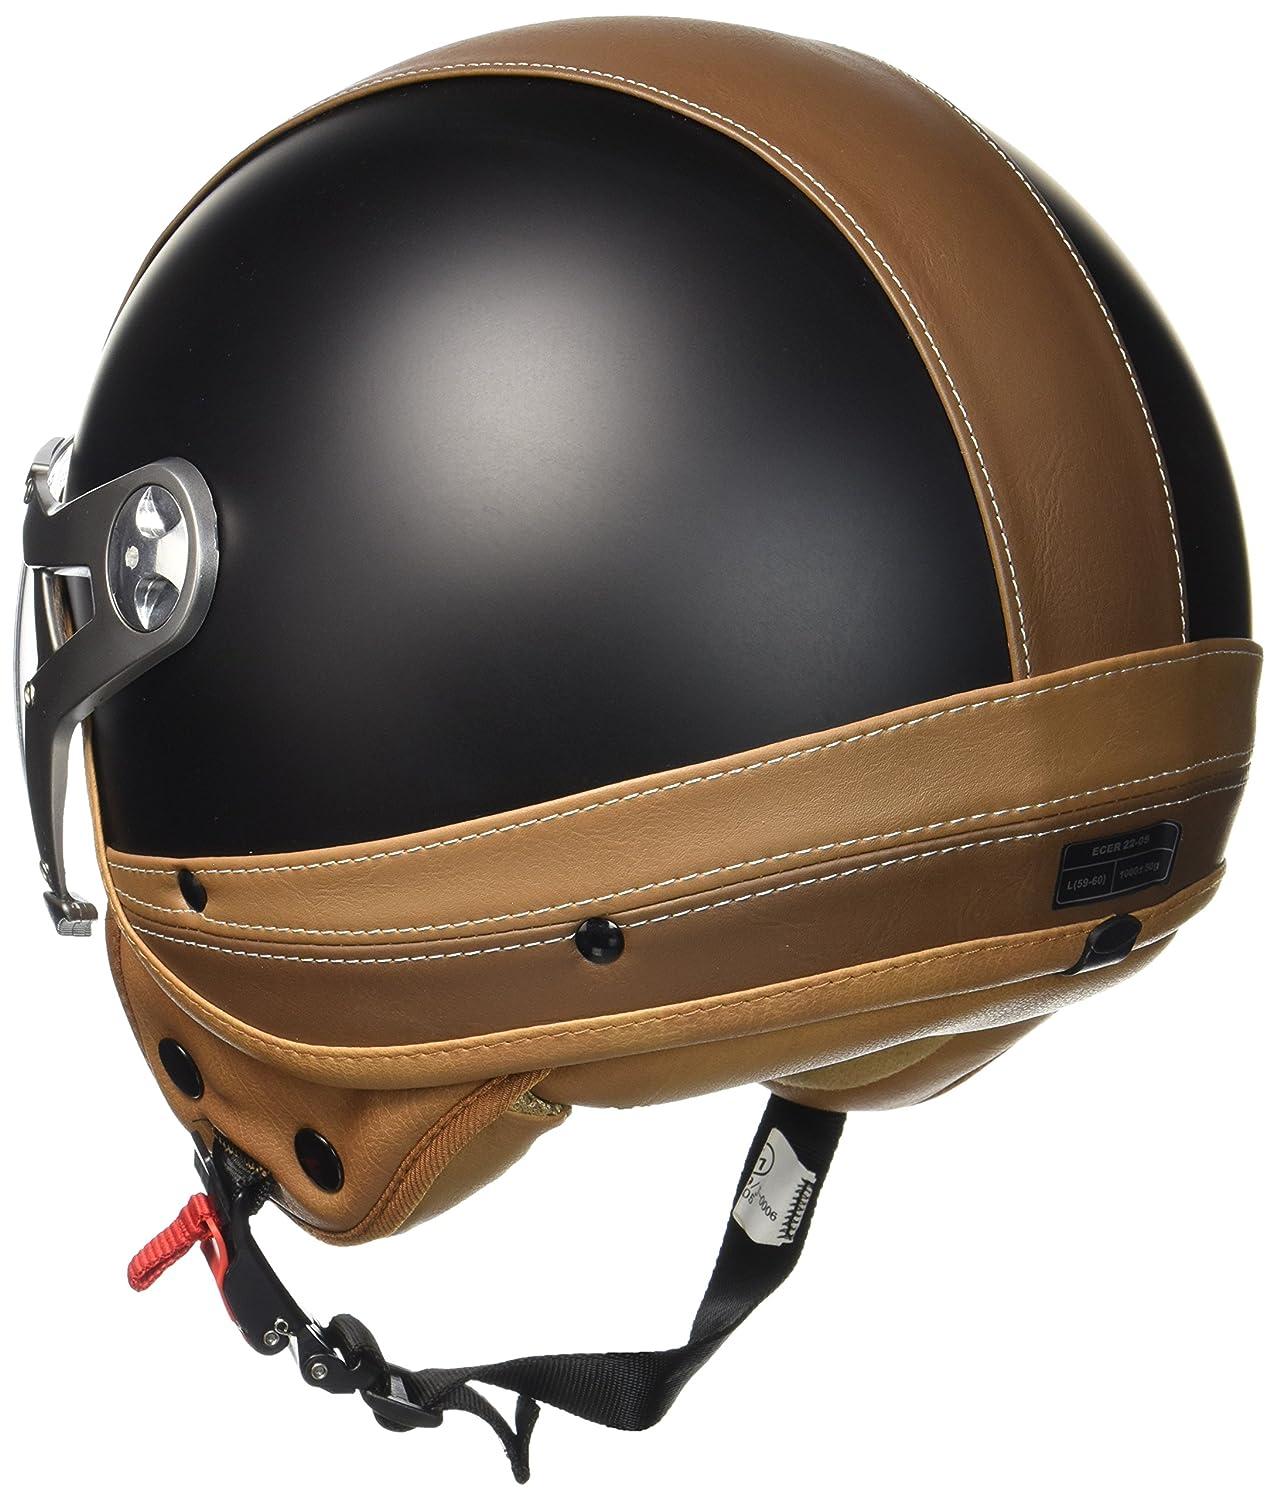 SOXON SP-325-URBAN Creme /· Moto Cruiser Vespa Vintage Pilot Demi-Jet Biker Helmet Casque Jet Chopper Retro Mofa Scooter Bobber /· ECE certifi/és /· conception en cuir /· visi/ère inclus /· y compris le sac de casq